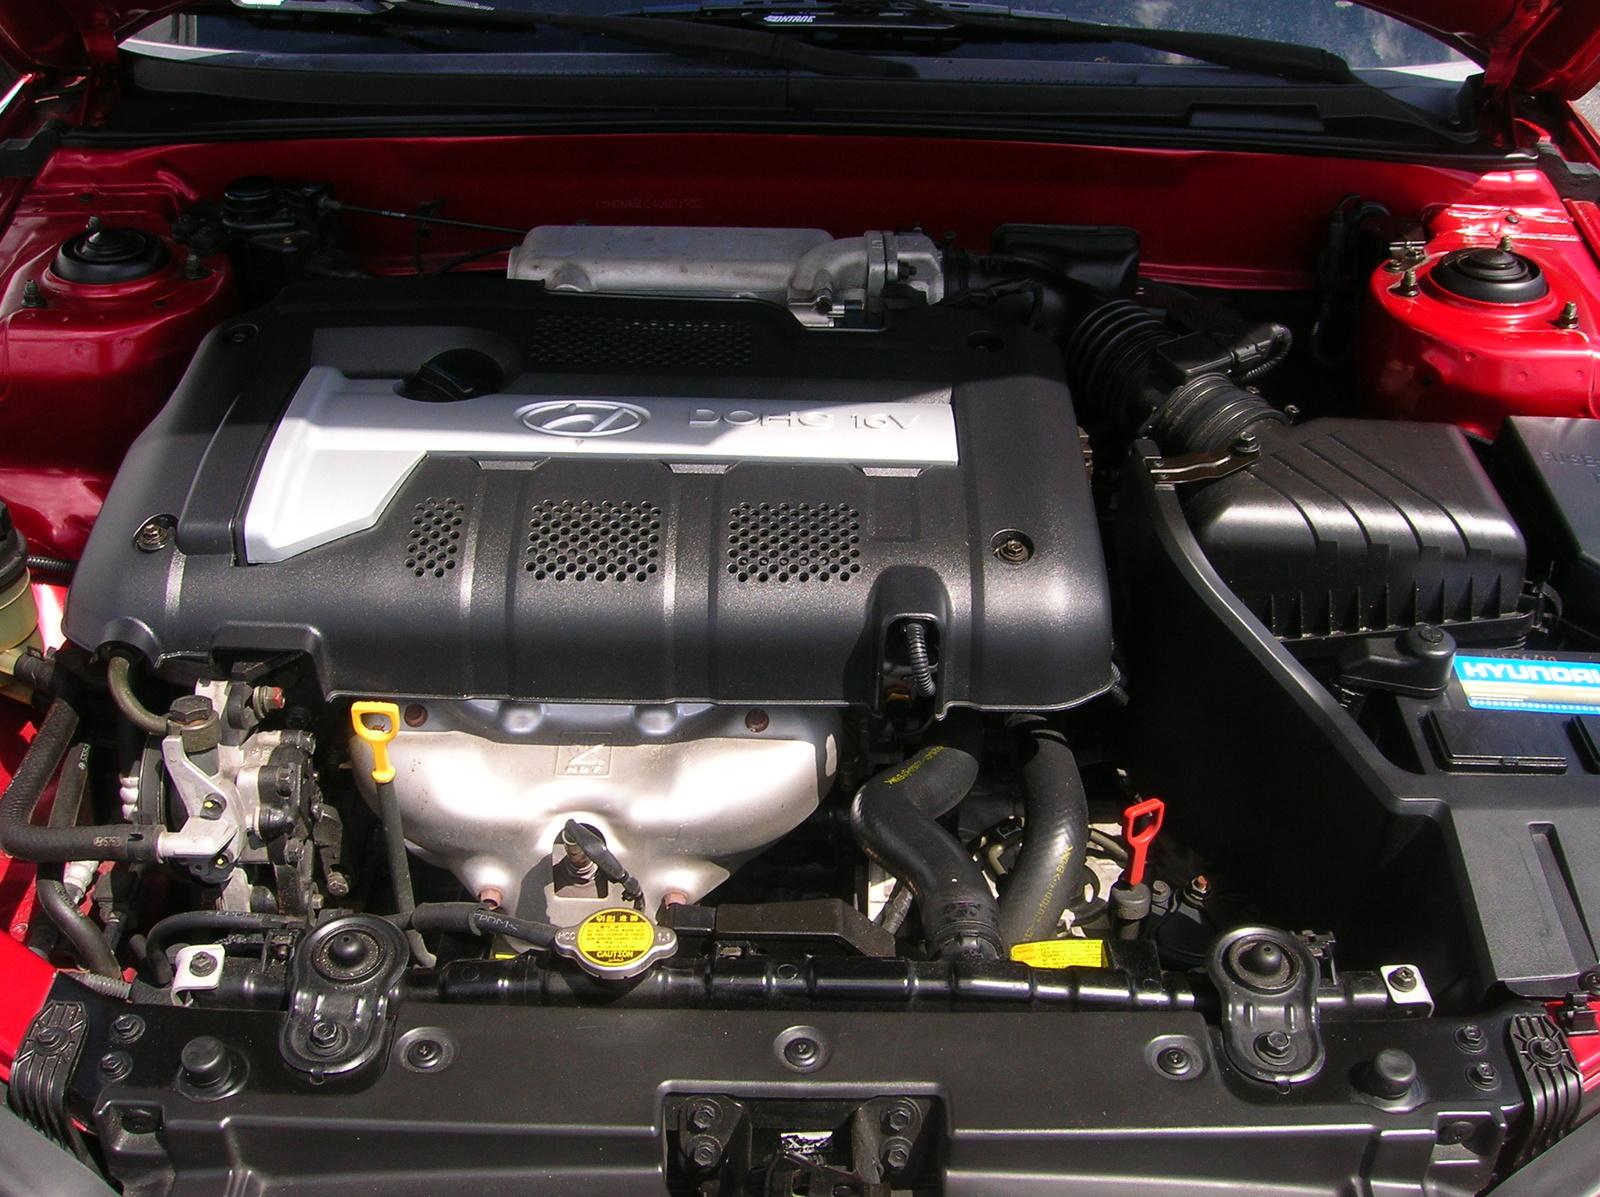 2004 Hyundai Elantra Other Pictures Cargurus